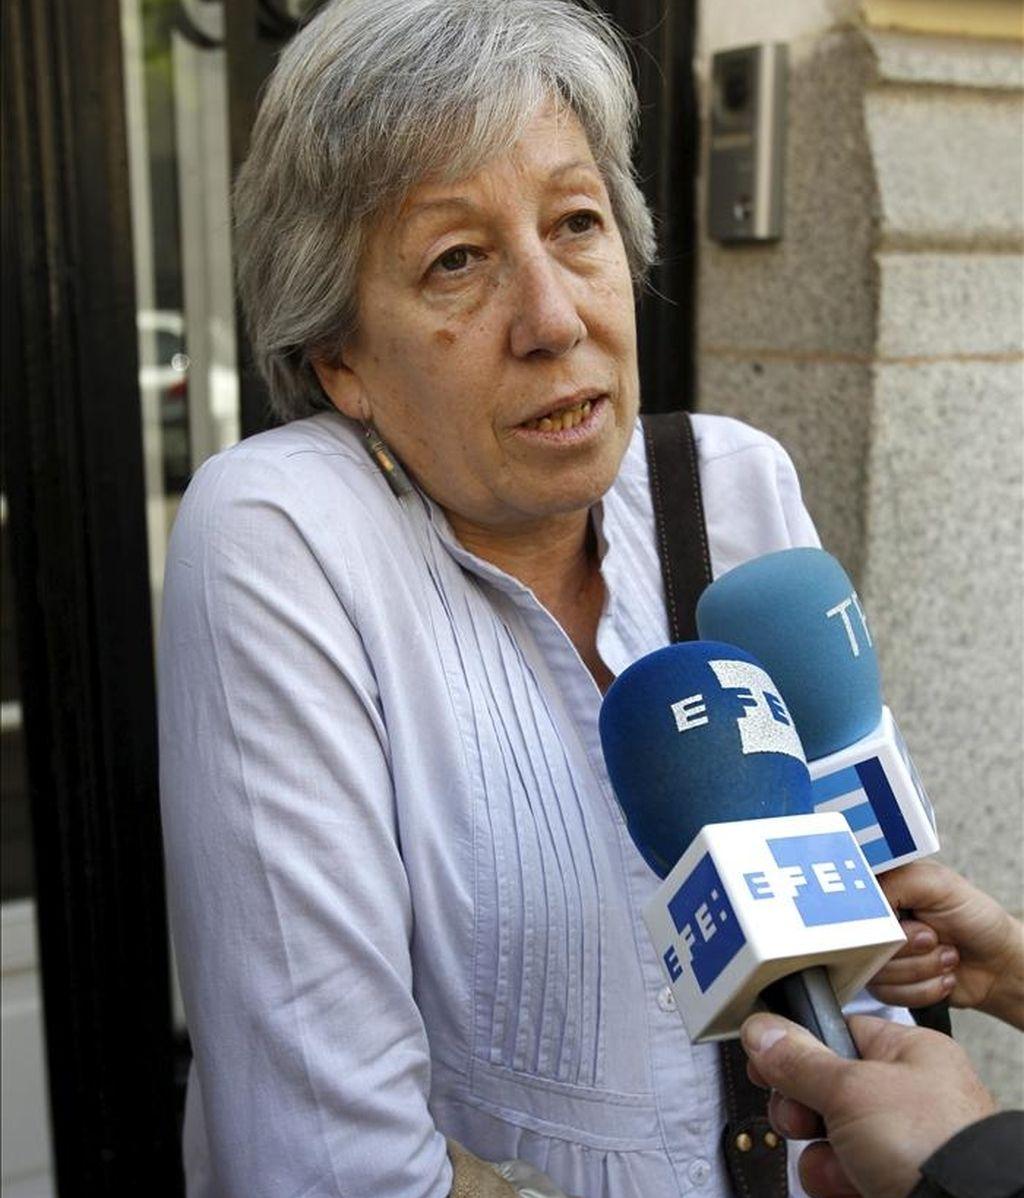 Victoria Bravo, madre de Manu Brabo, fotógrafo retenido en Libia. EFE/Archivo